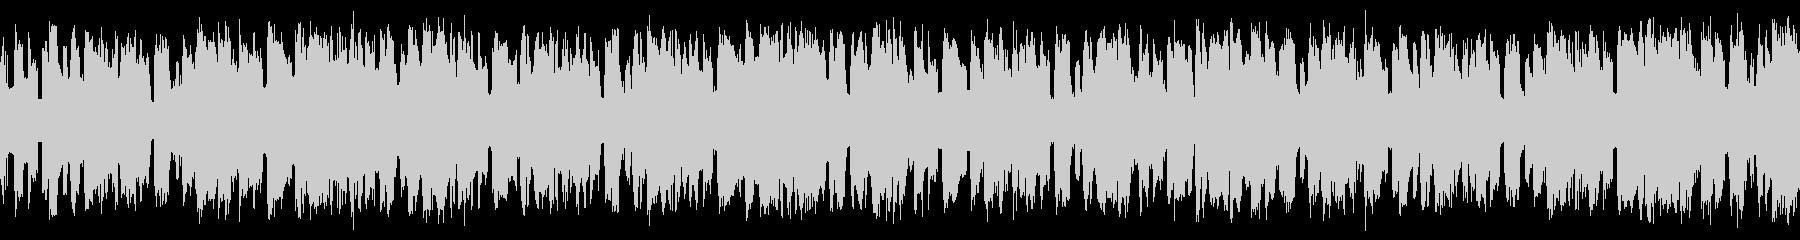 テクノ ループ かっこいい系の未再生の波形